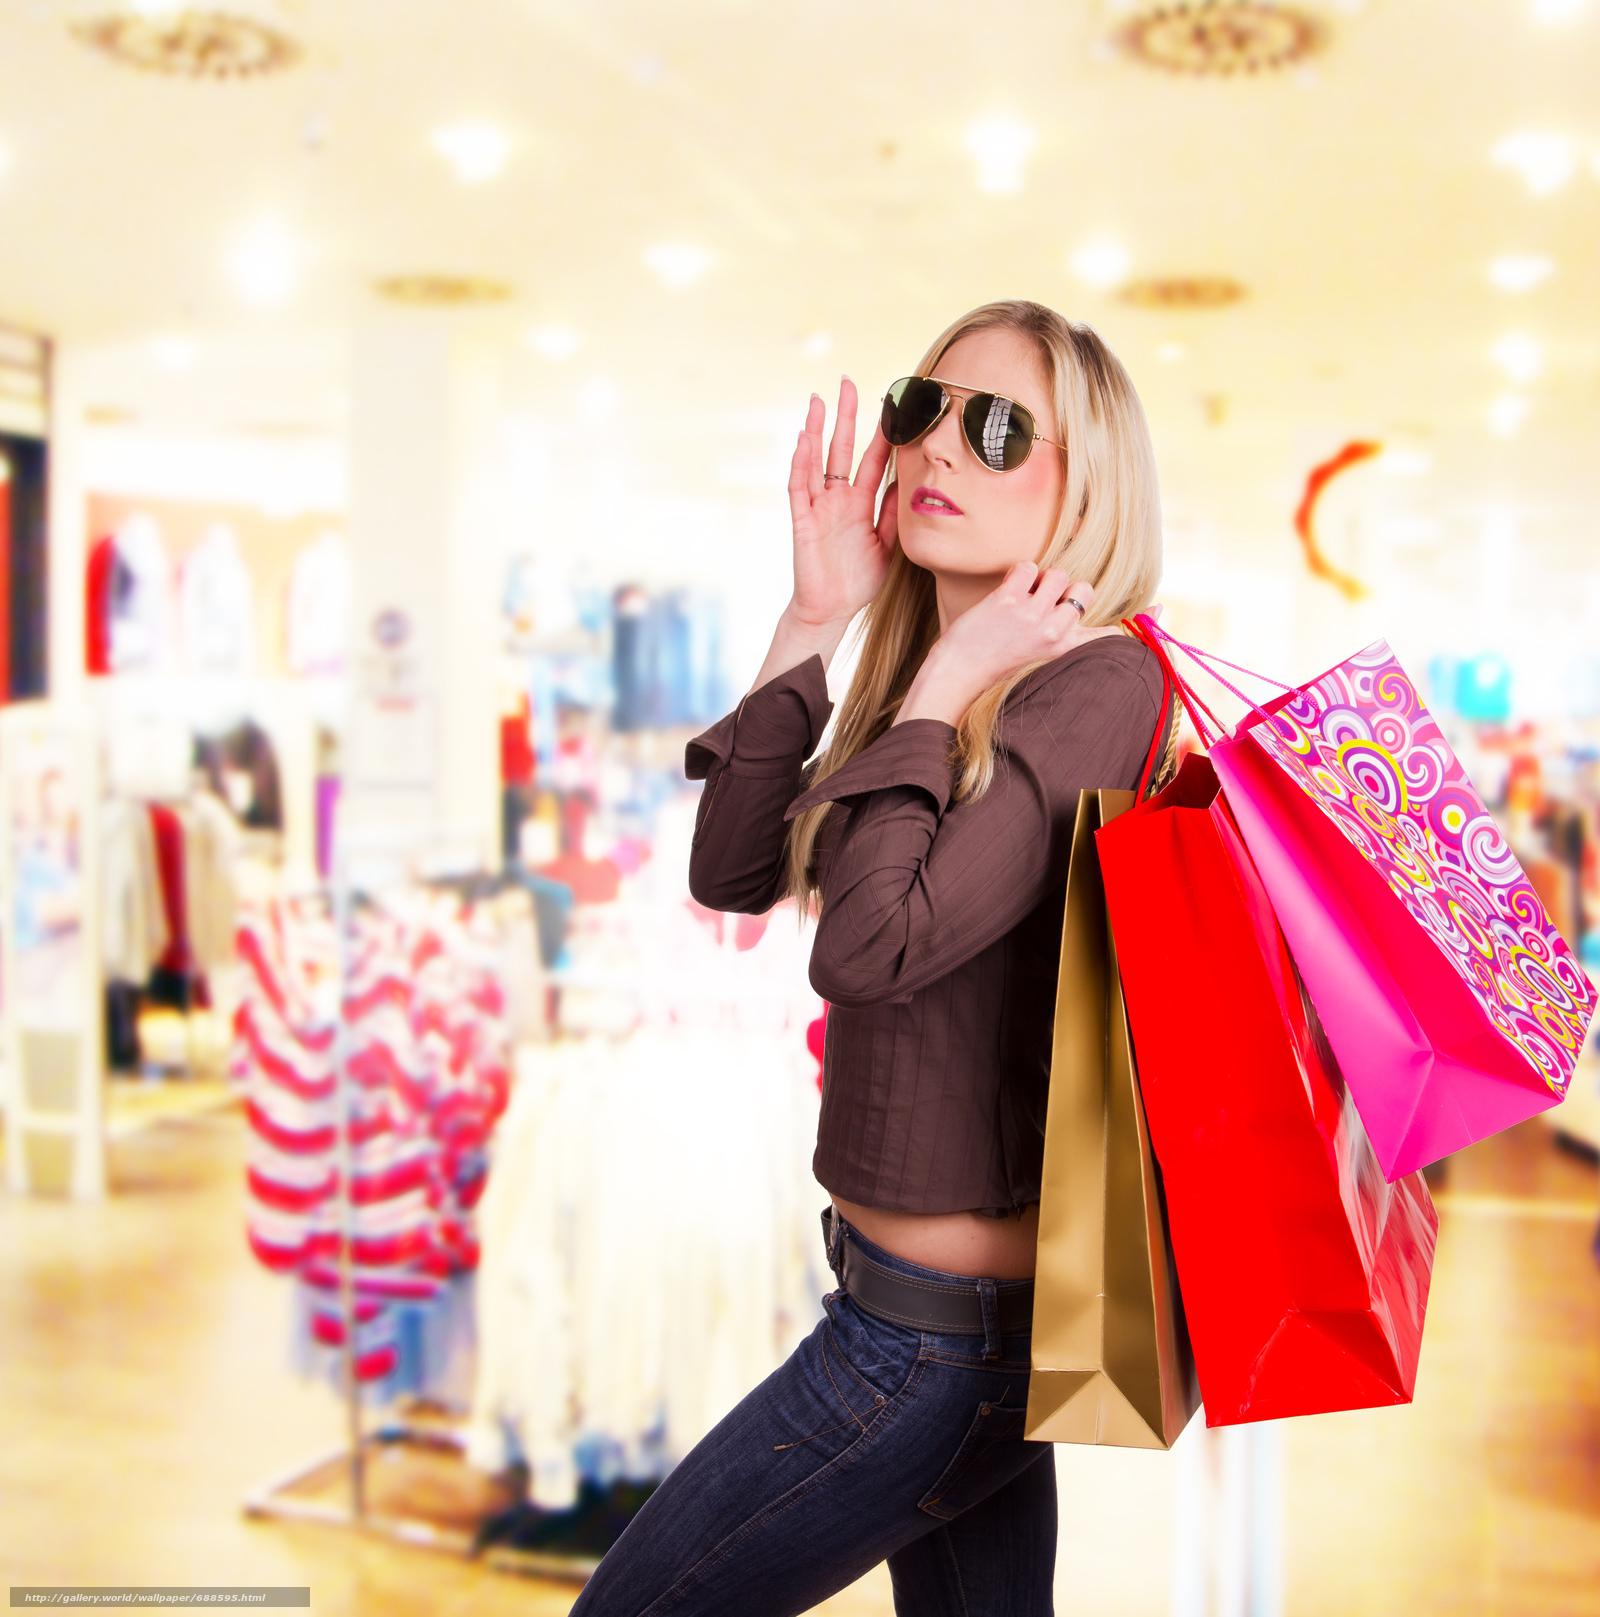 картинки шопинга высокое разрешение стеклянные столы